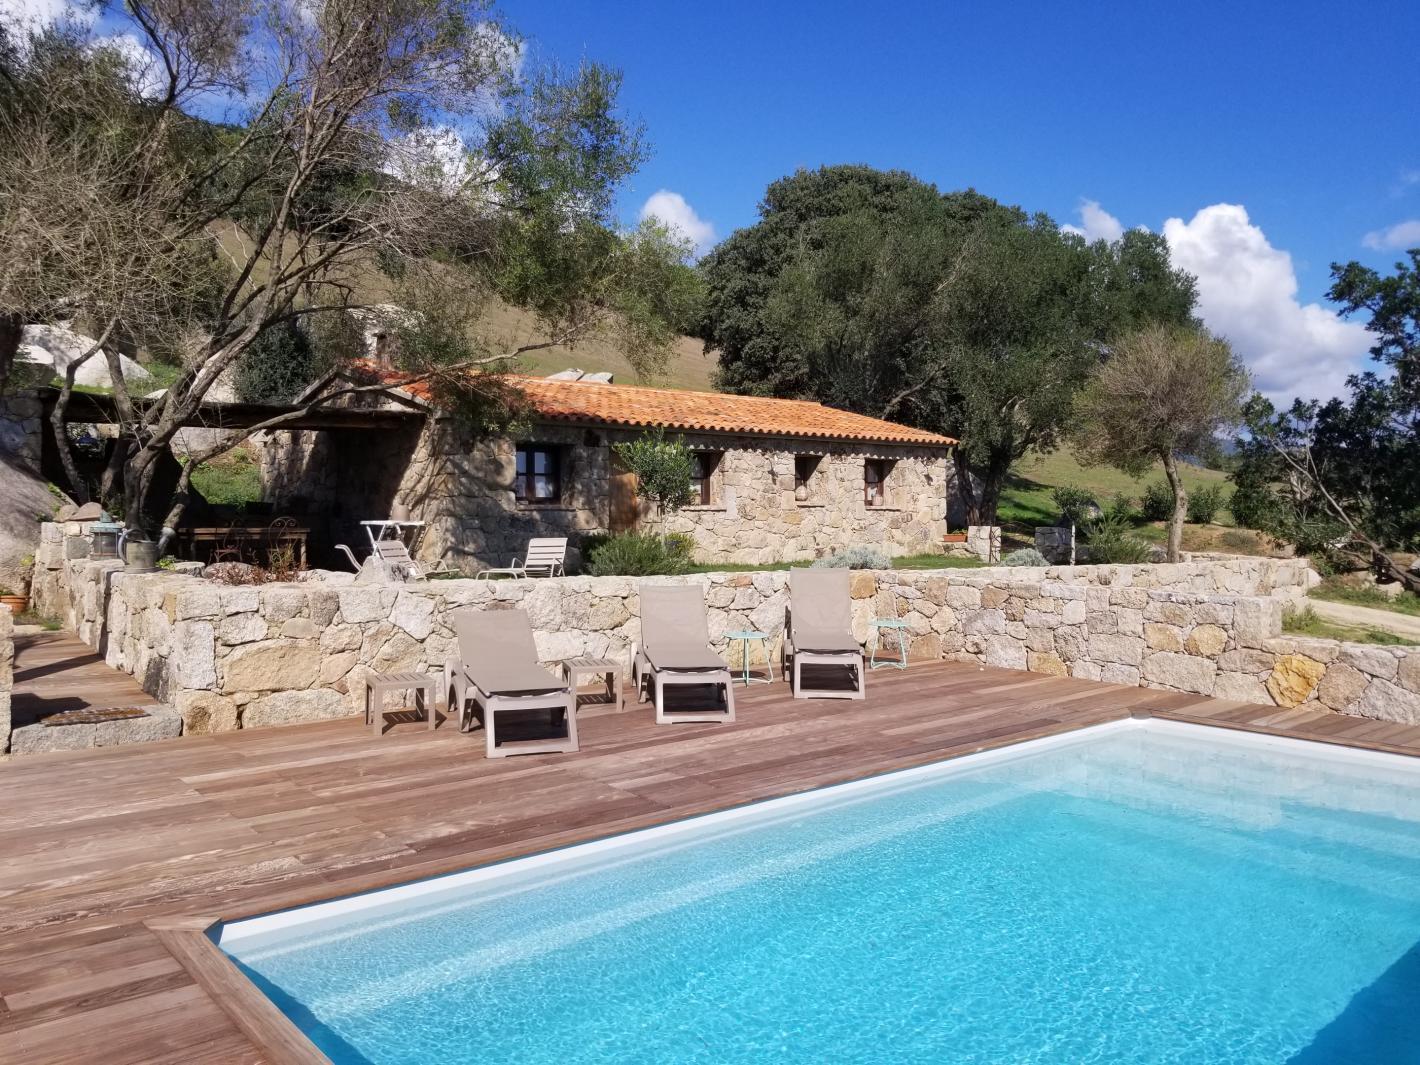 Maison bergerie corse avec piscine priv e chauff e porto - Location maison piscine porto vecchio ...